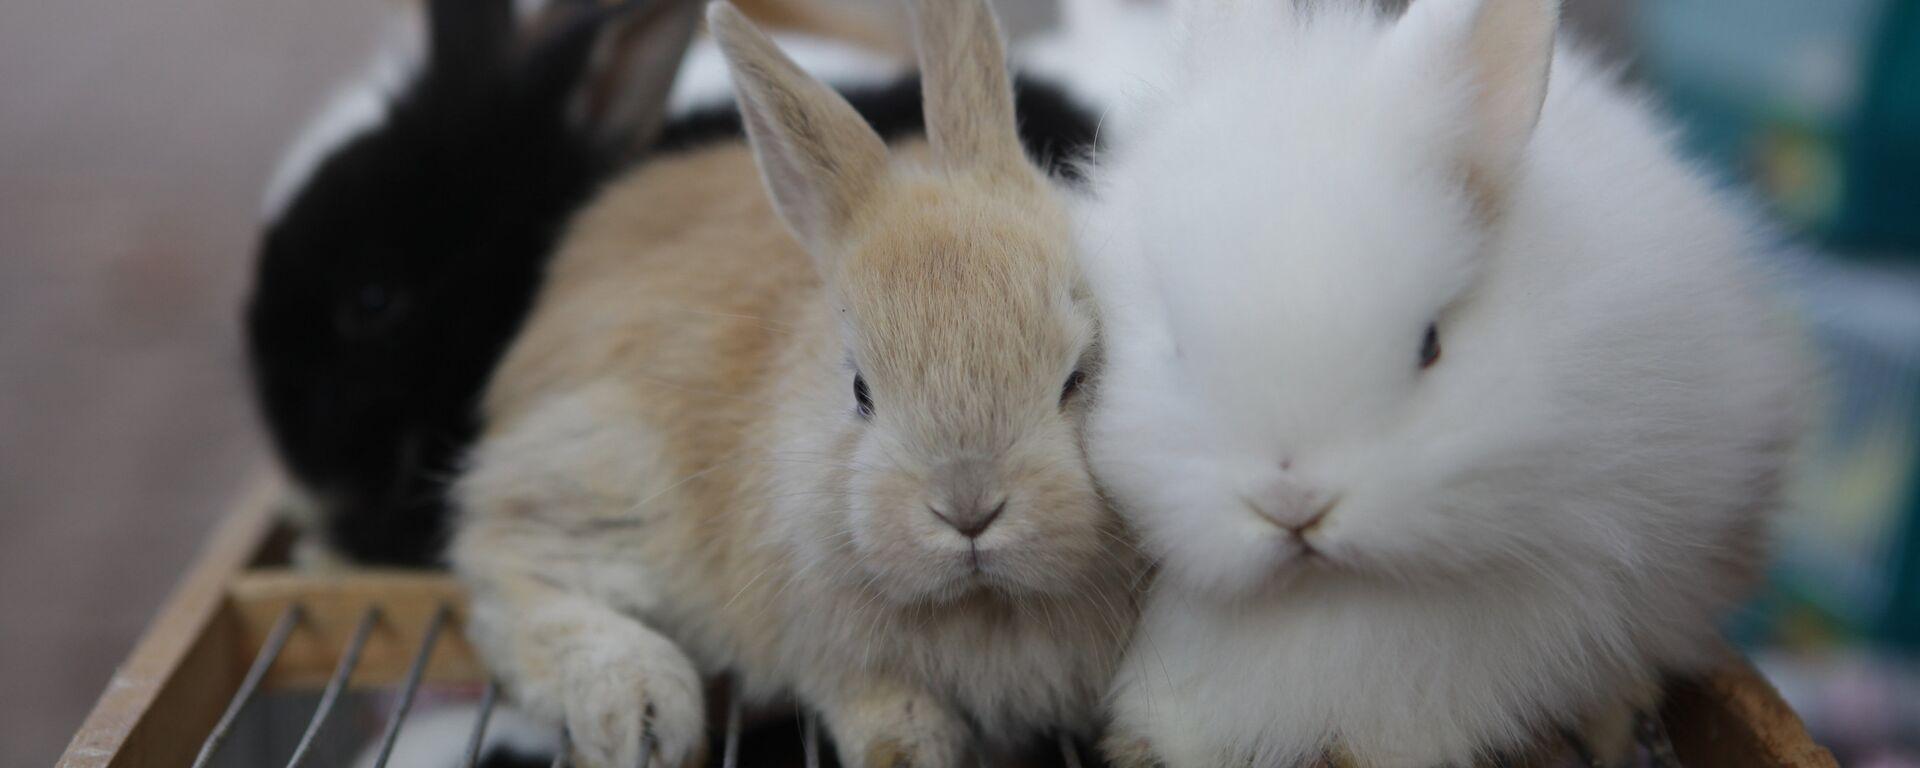 Кролики - Sputnik Латвия, 1920, 04.07.2021